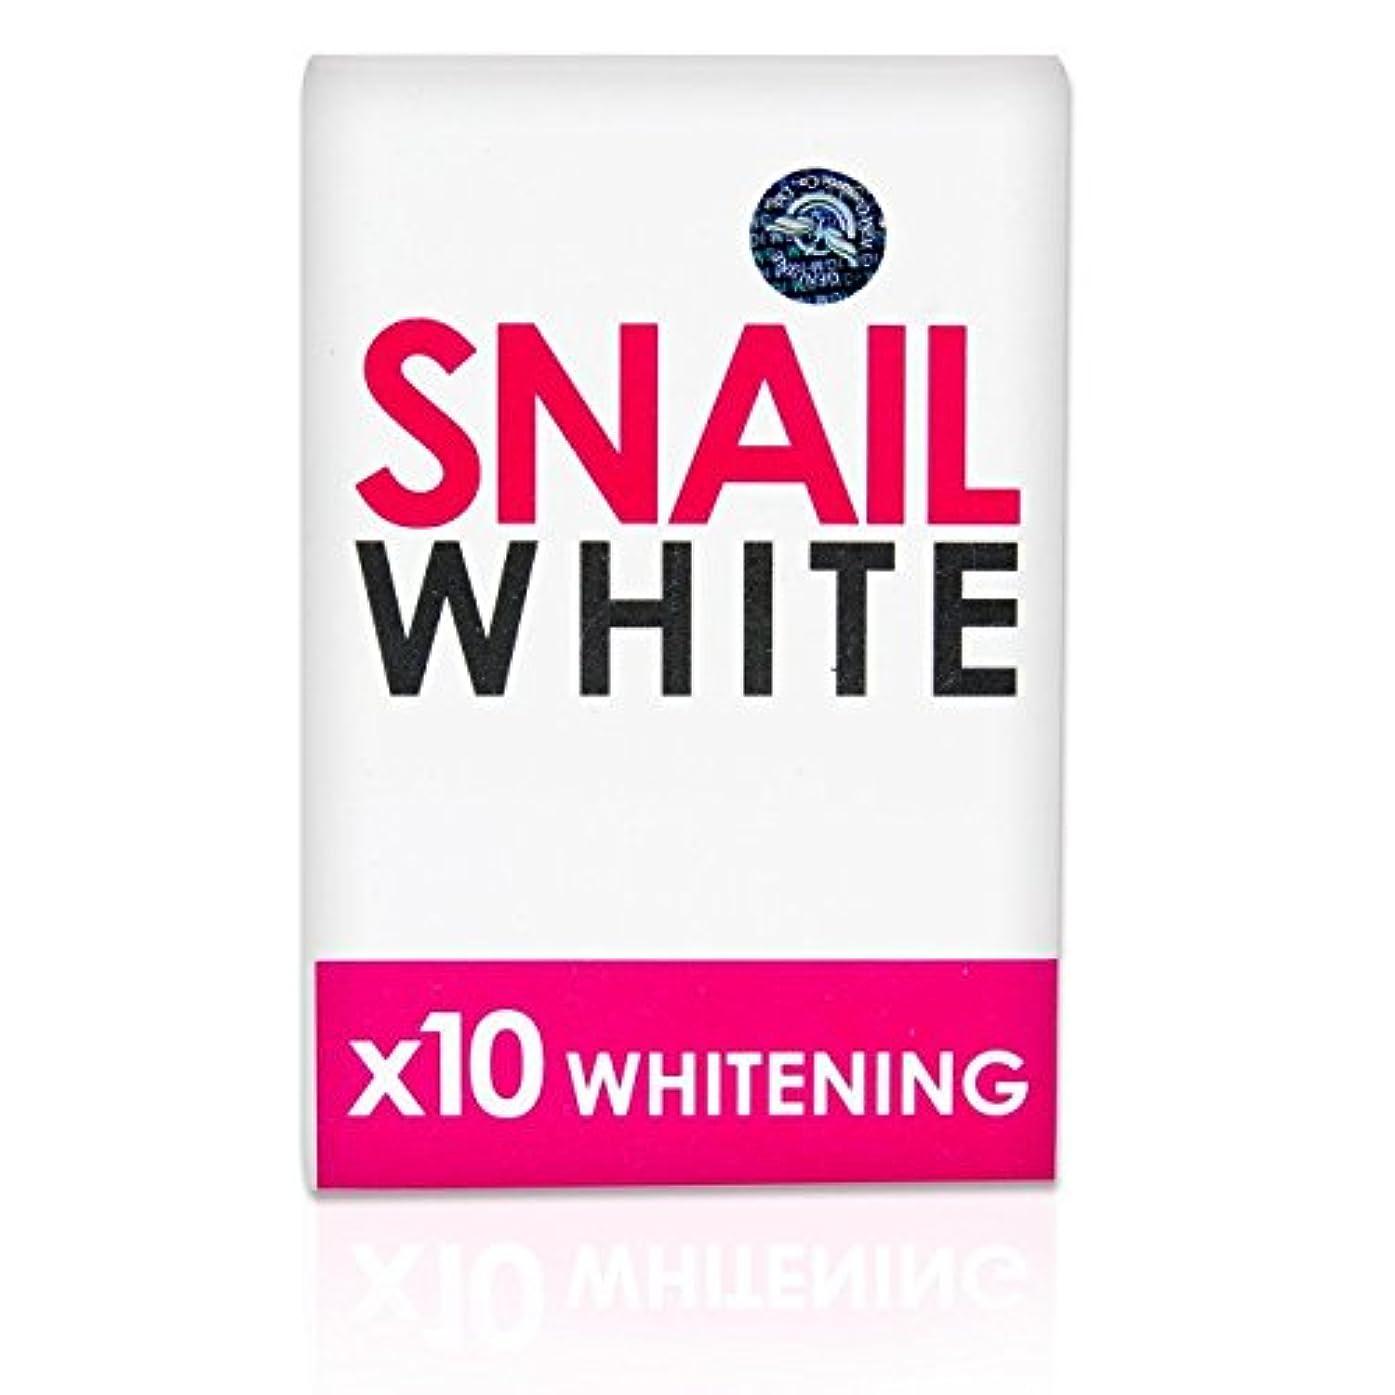 ワインワイン男らしさSnail White Soap 10x Whitening Power 70g.,dark Spots Damage Skin Face & Body.(Good Services) by Snail